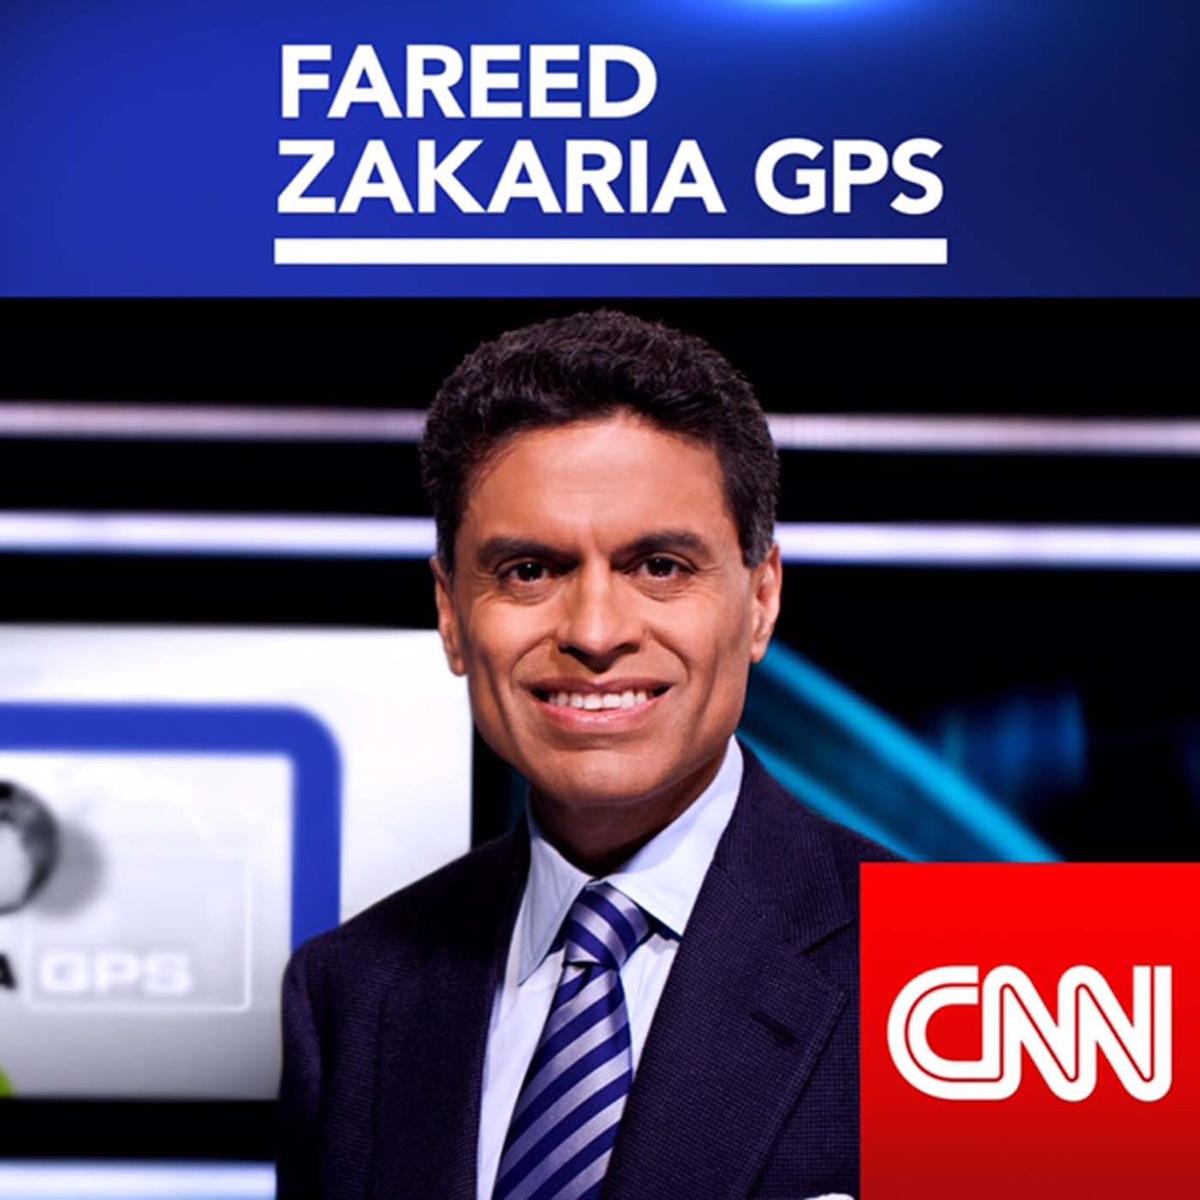 Fareed Zakaria GPS